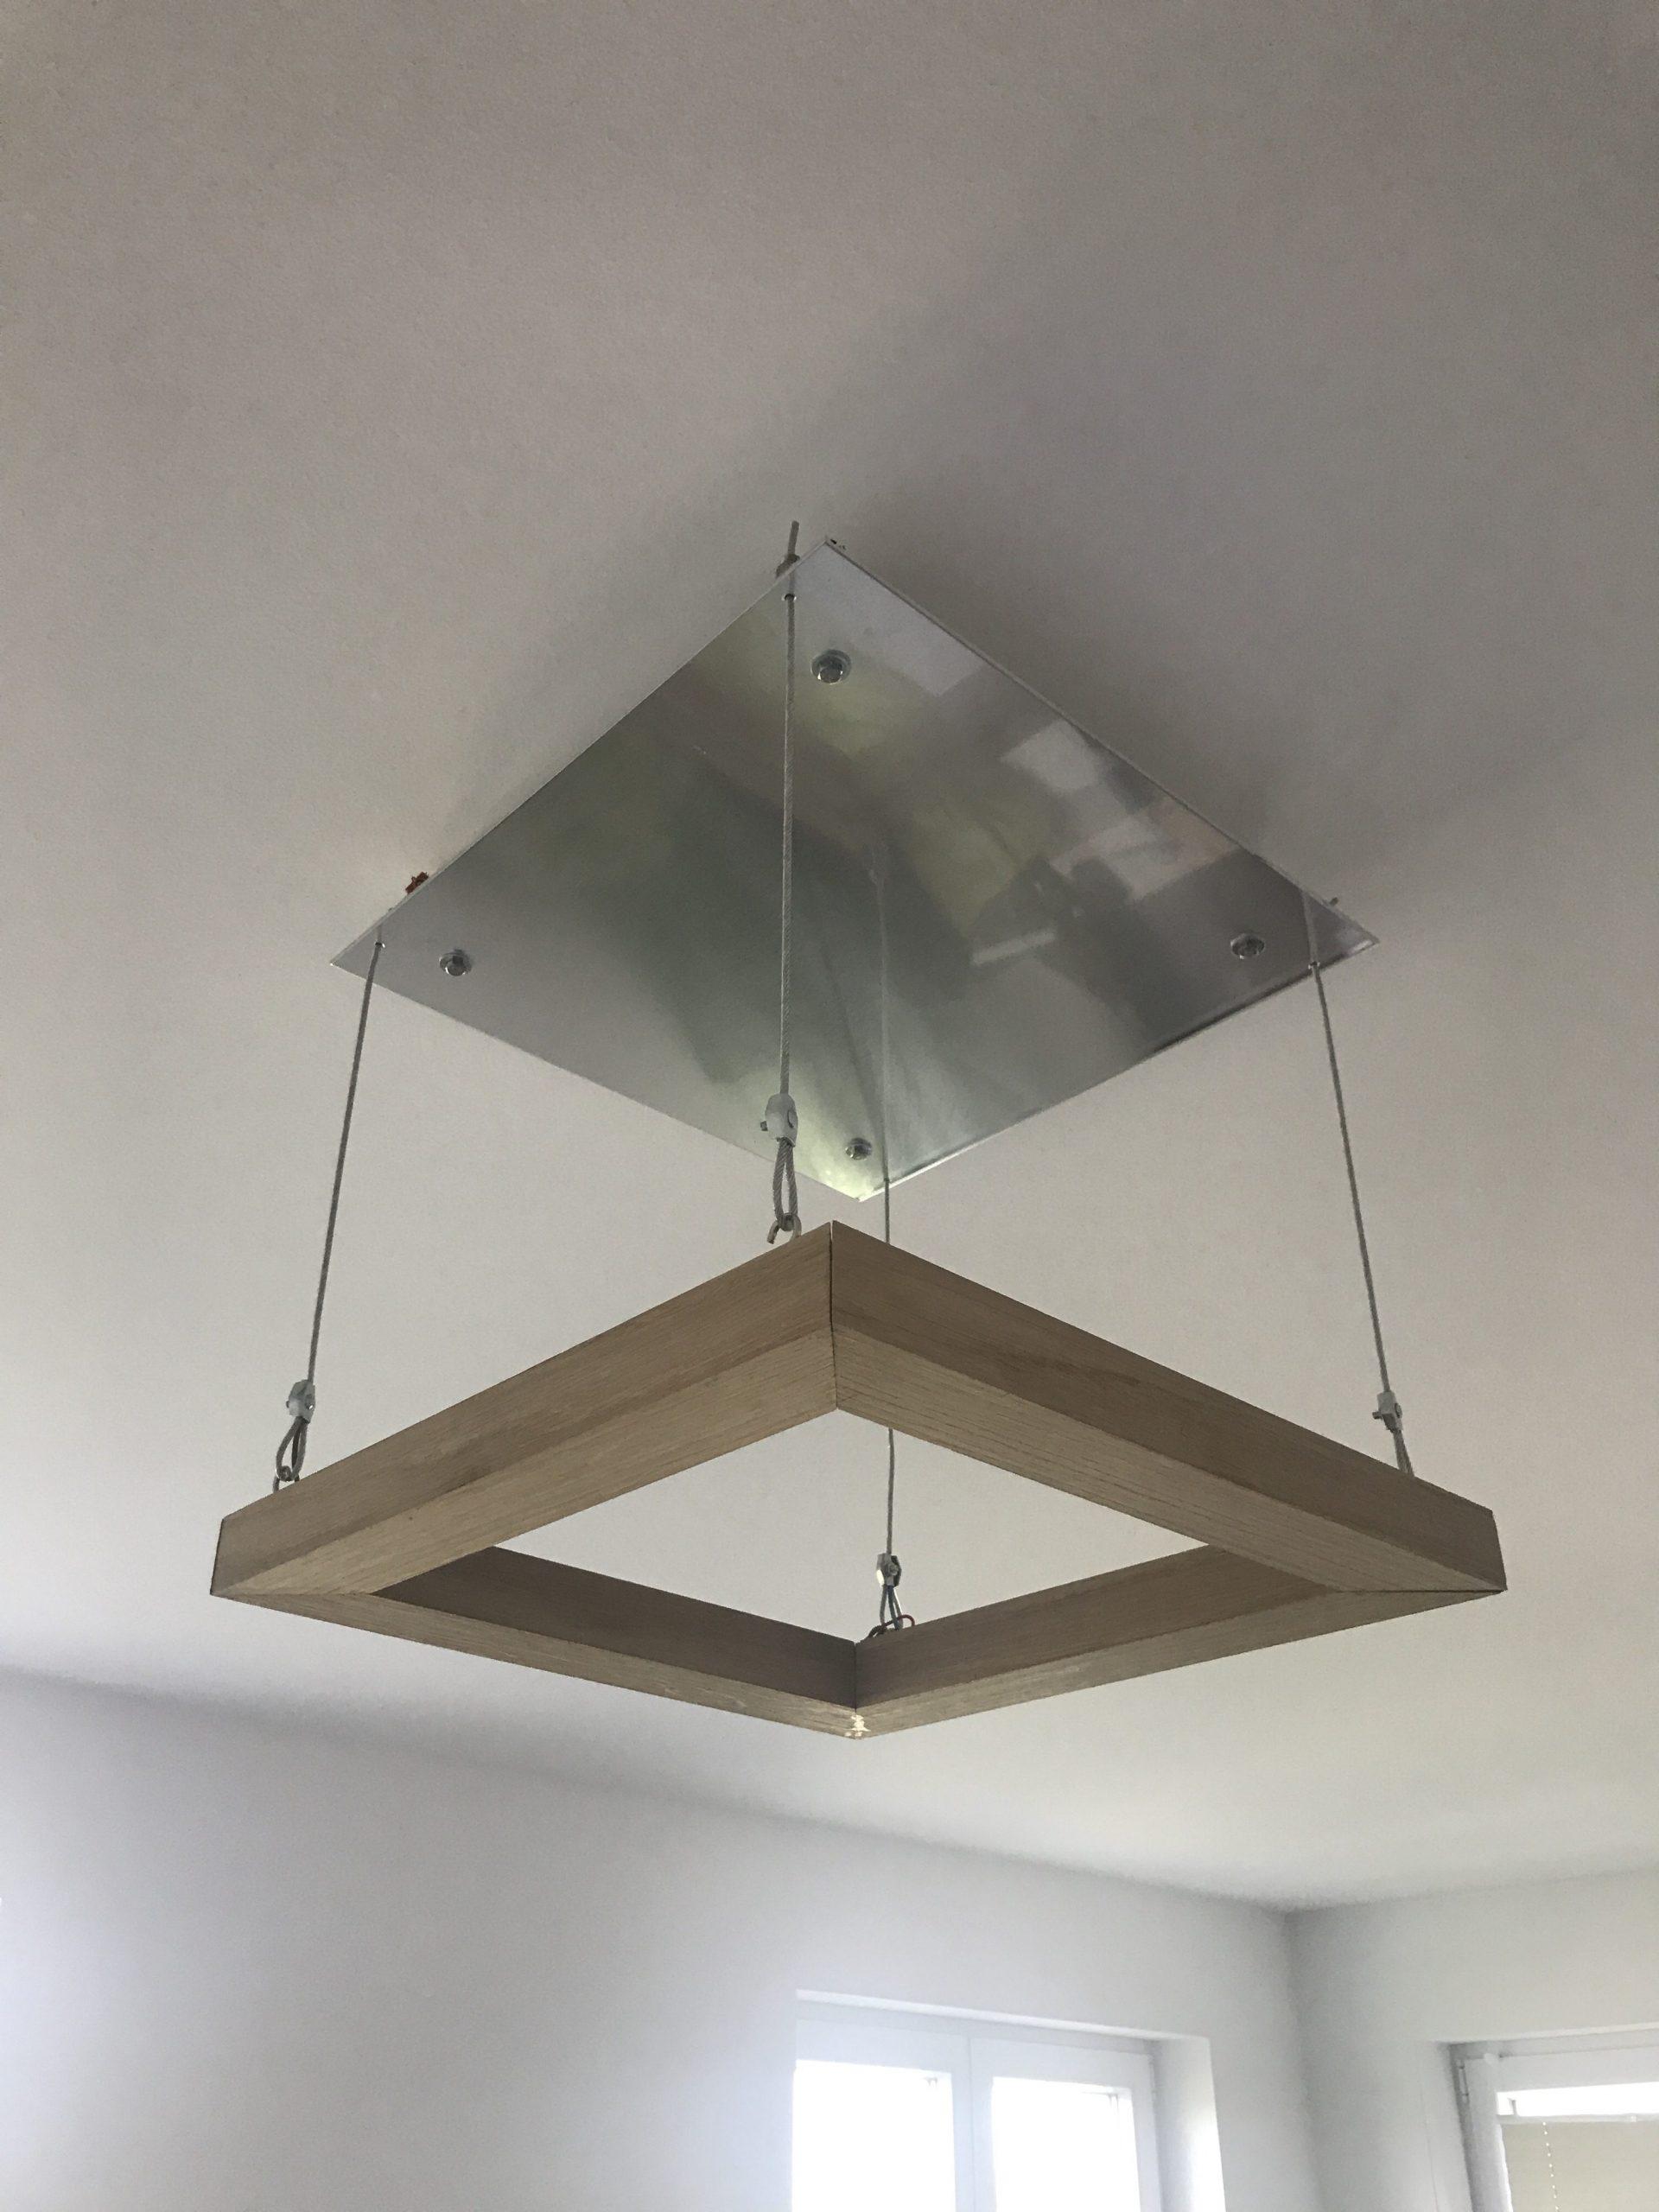 Full Size of Hngelampe Bad Deckenleuchte Deckenleuchten Schlafzimmer Wohnzimmer Deckenlampen Deckenlampe Lampe Badezimmer Decke Küche Led Tagesdecken Für Betten Wohnzimmer Holzlampe Decke